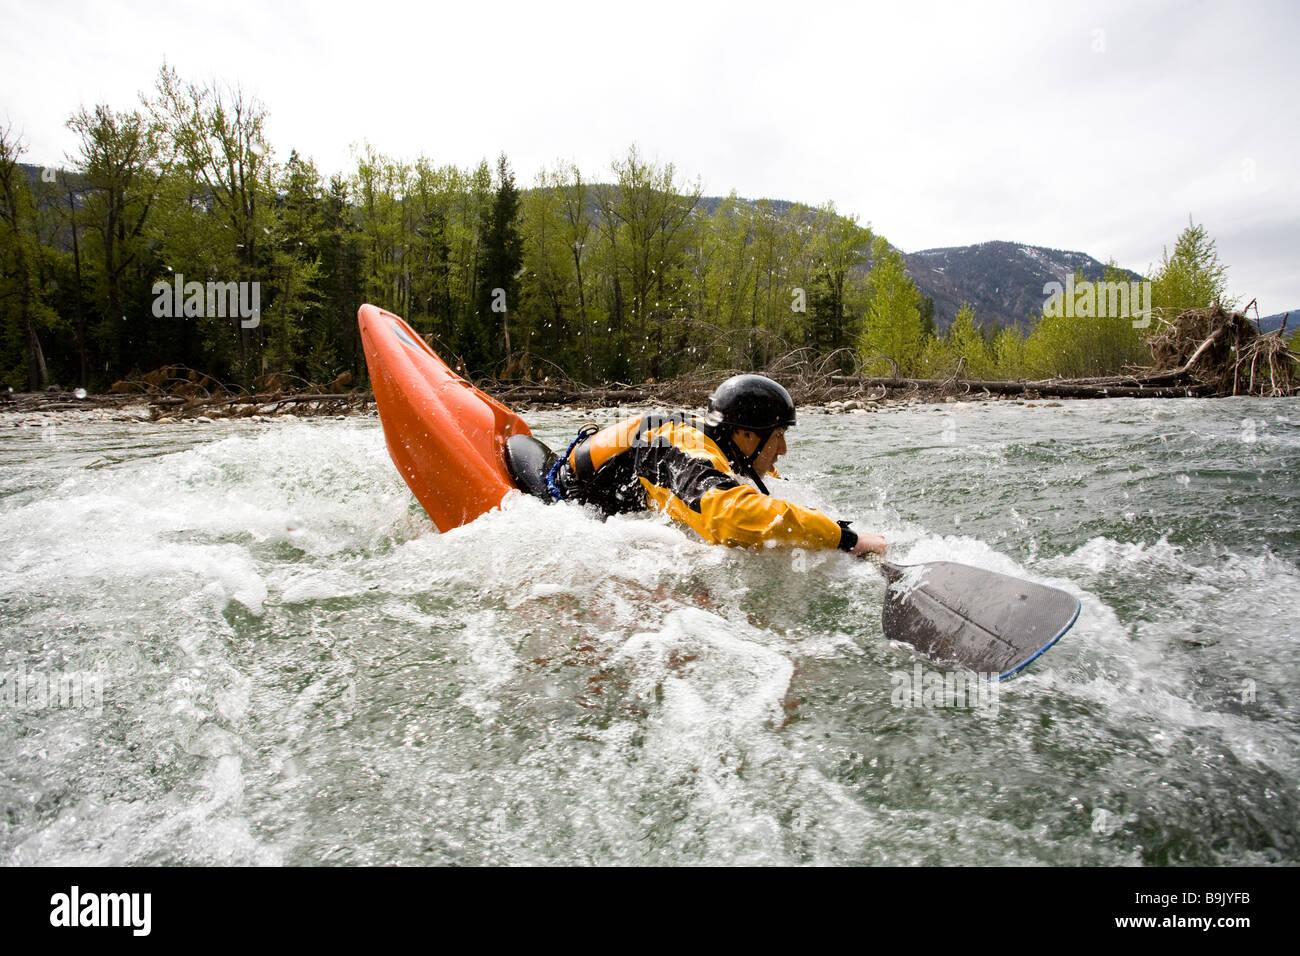 Un playboating bénéficie d'une petite vague sur une rivière. Photo Stock